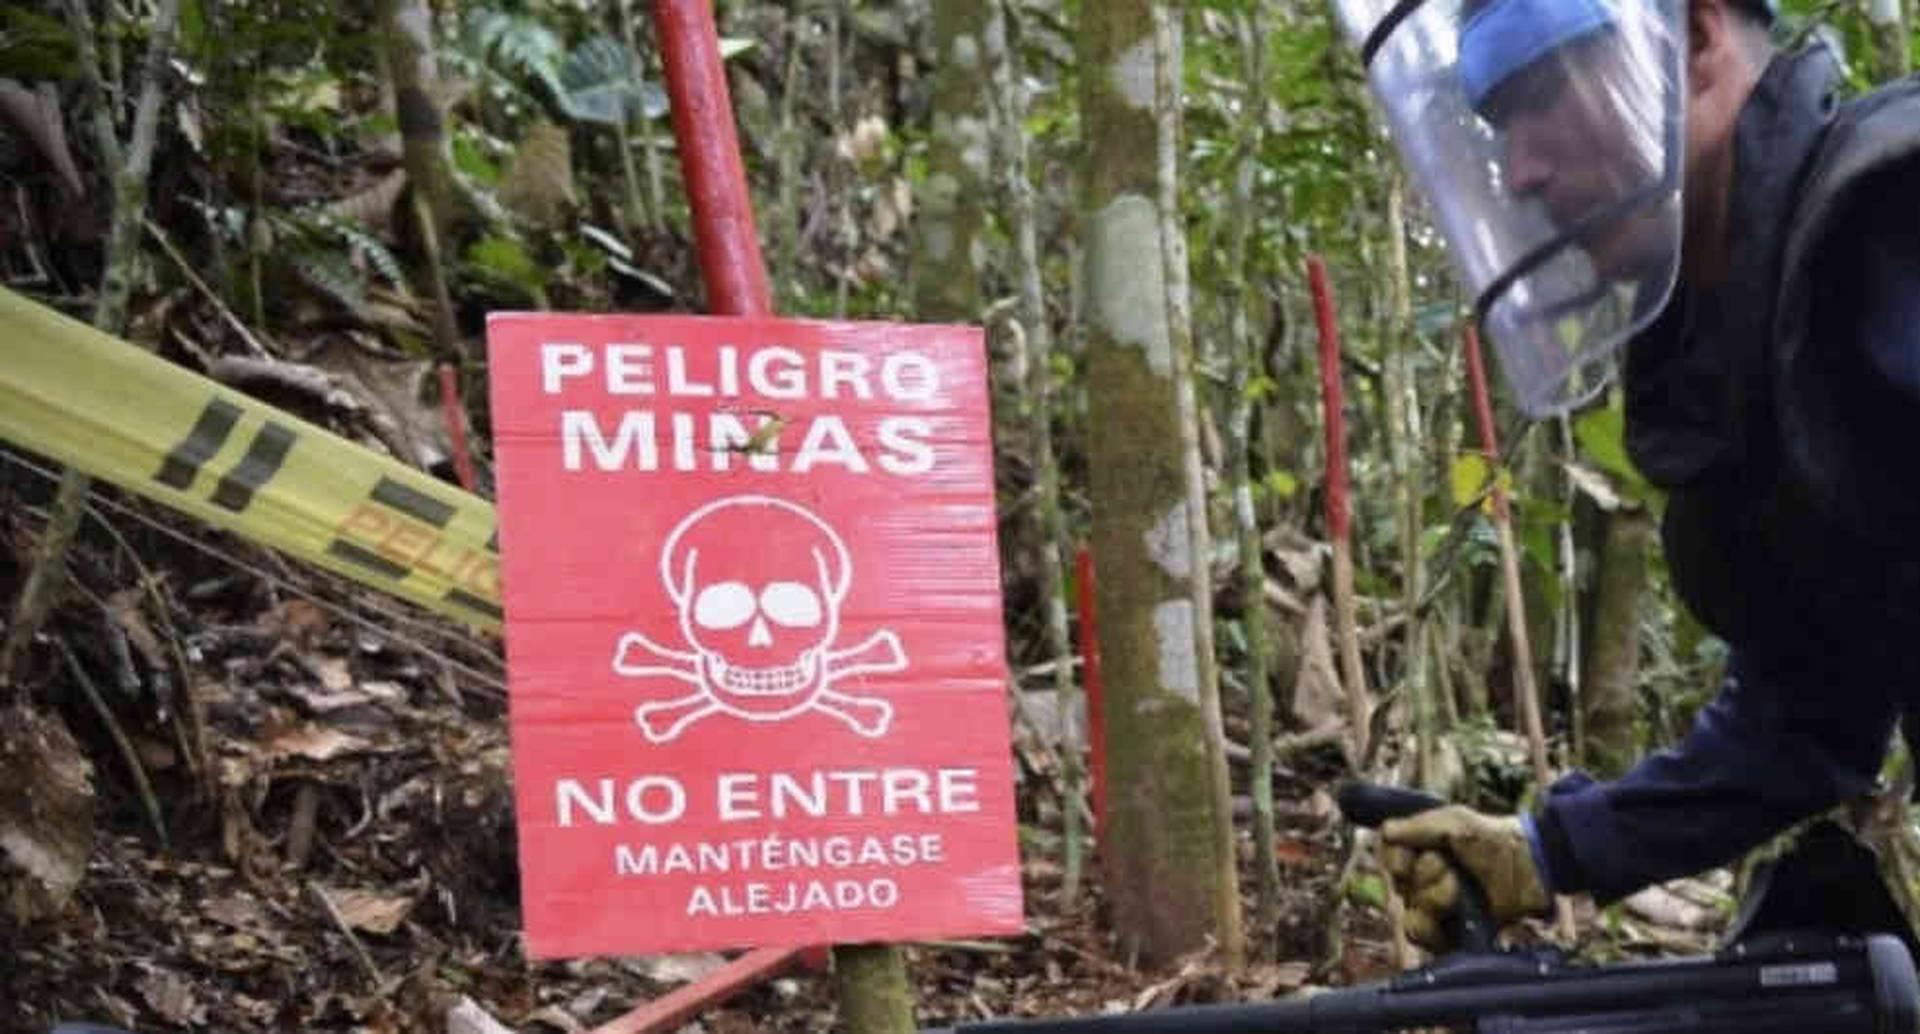 Gobierno pide plazo para cumplir la meta de erradicación de minas antipersona / Foto: AFP